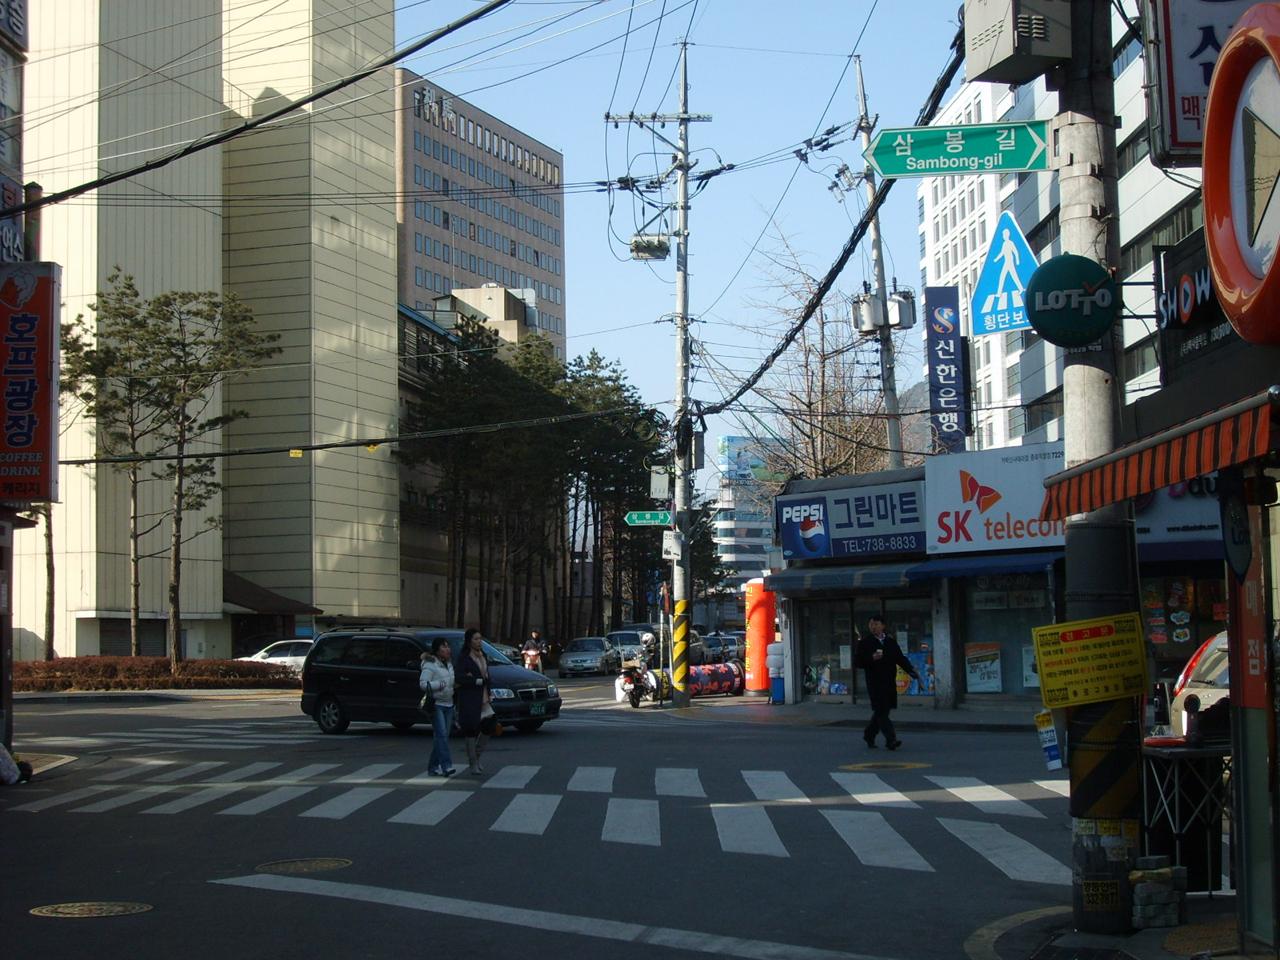 정도전의 호에서 이름을 딴 삼봉길. 서울 종로구청 옆이다.